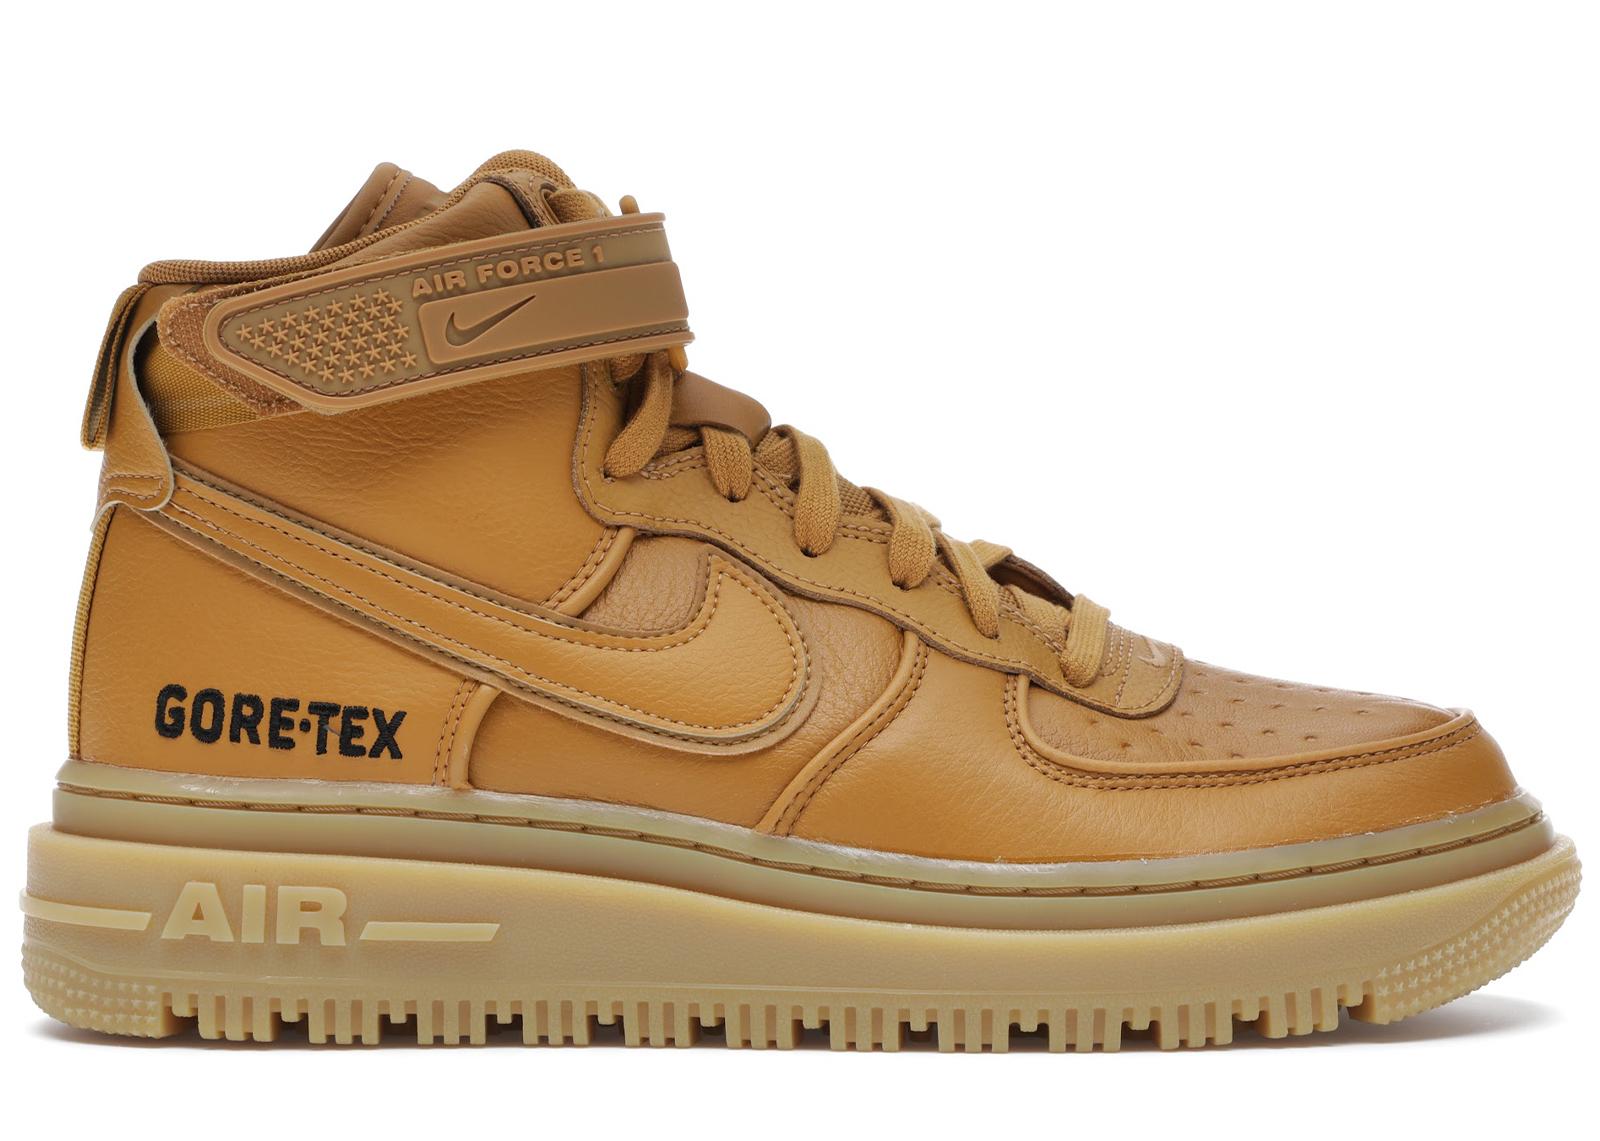 Nike Air Force 1 High Gore-Tex Boot Flax